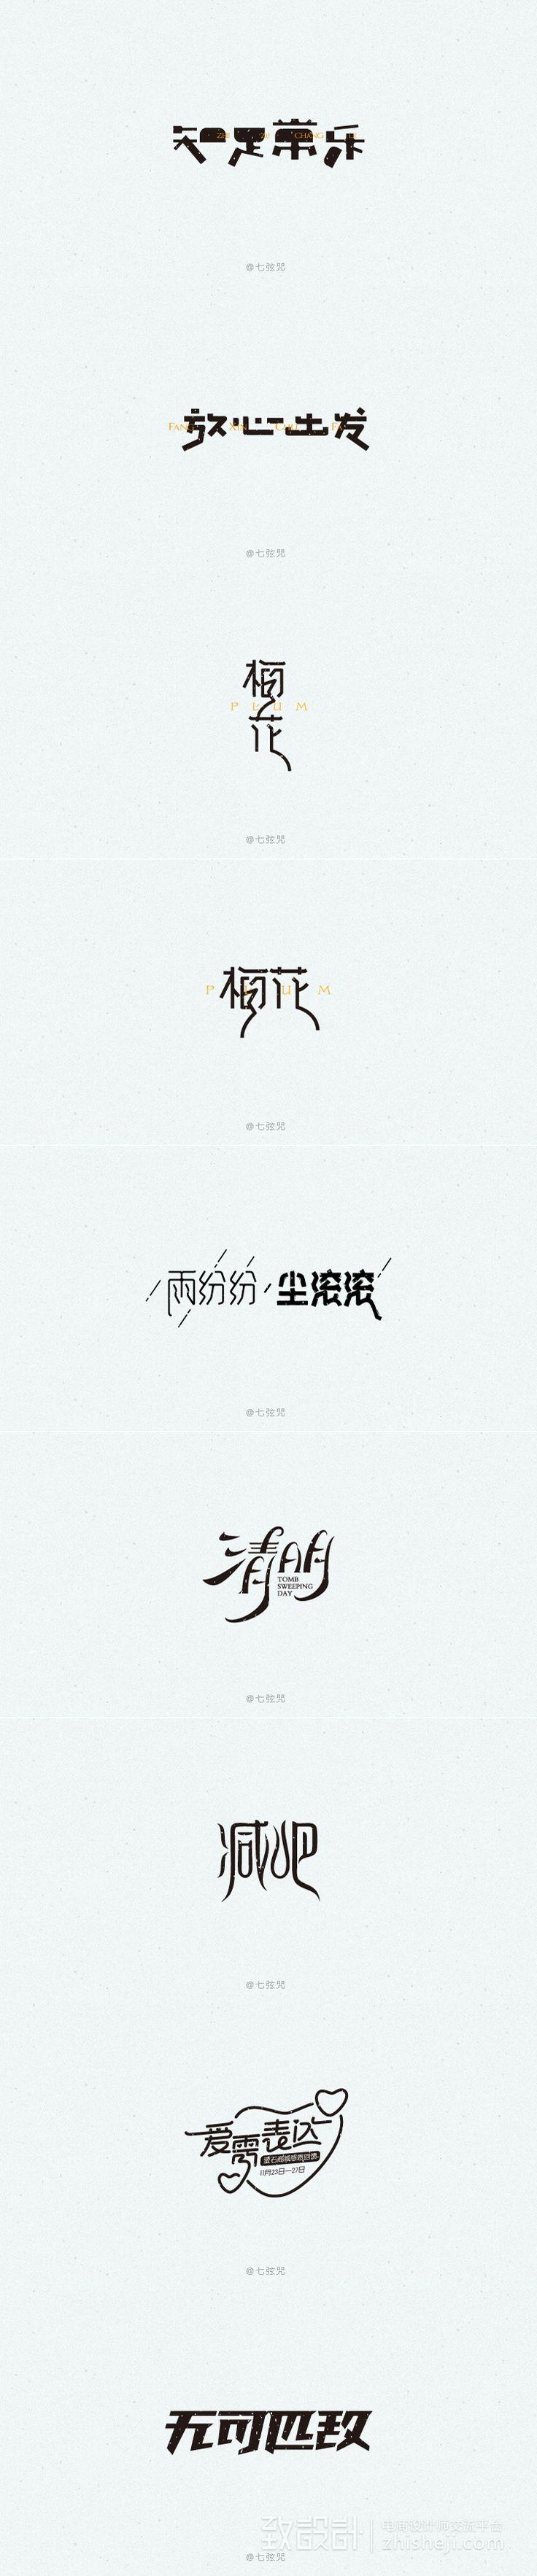 字体设计整理